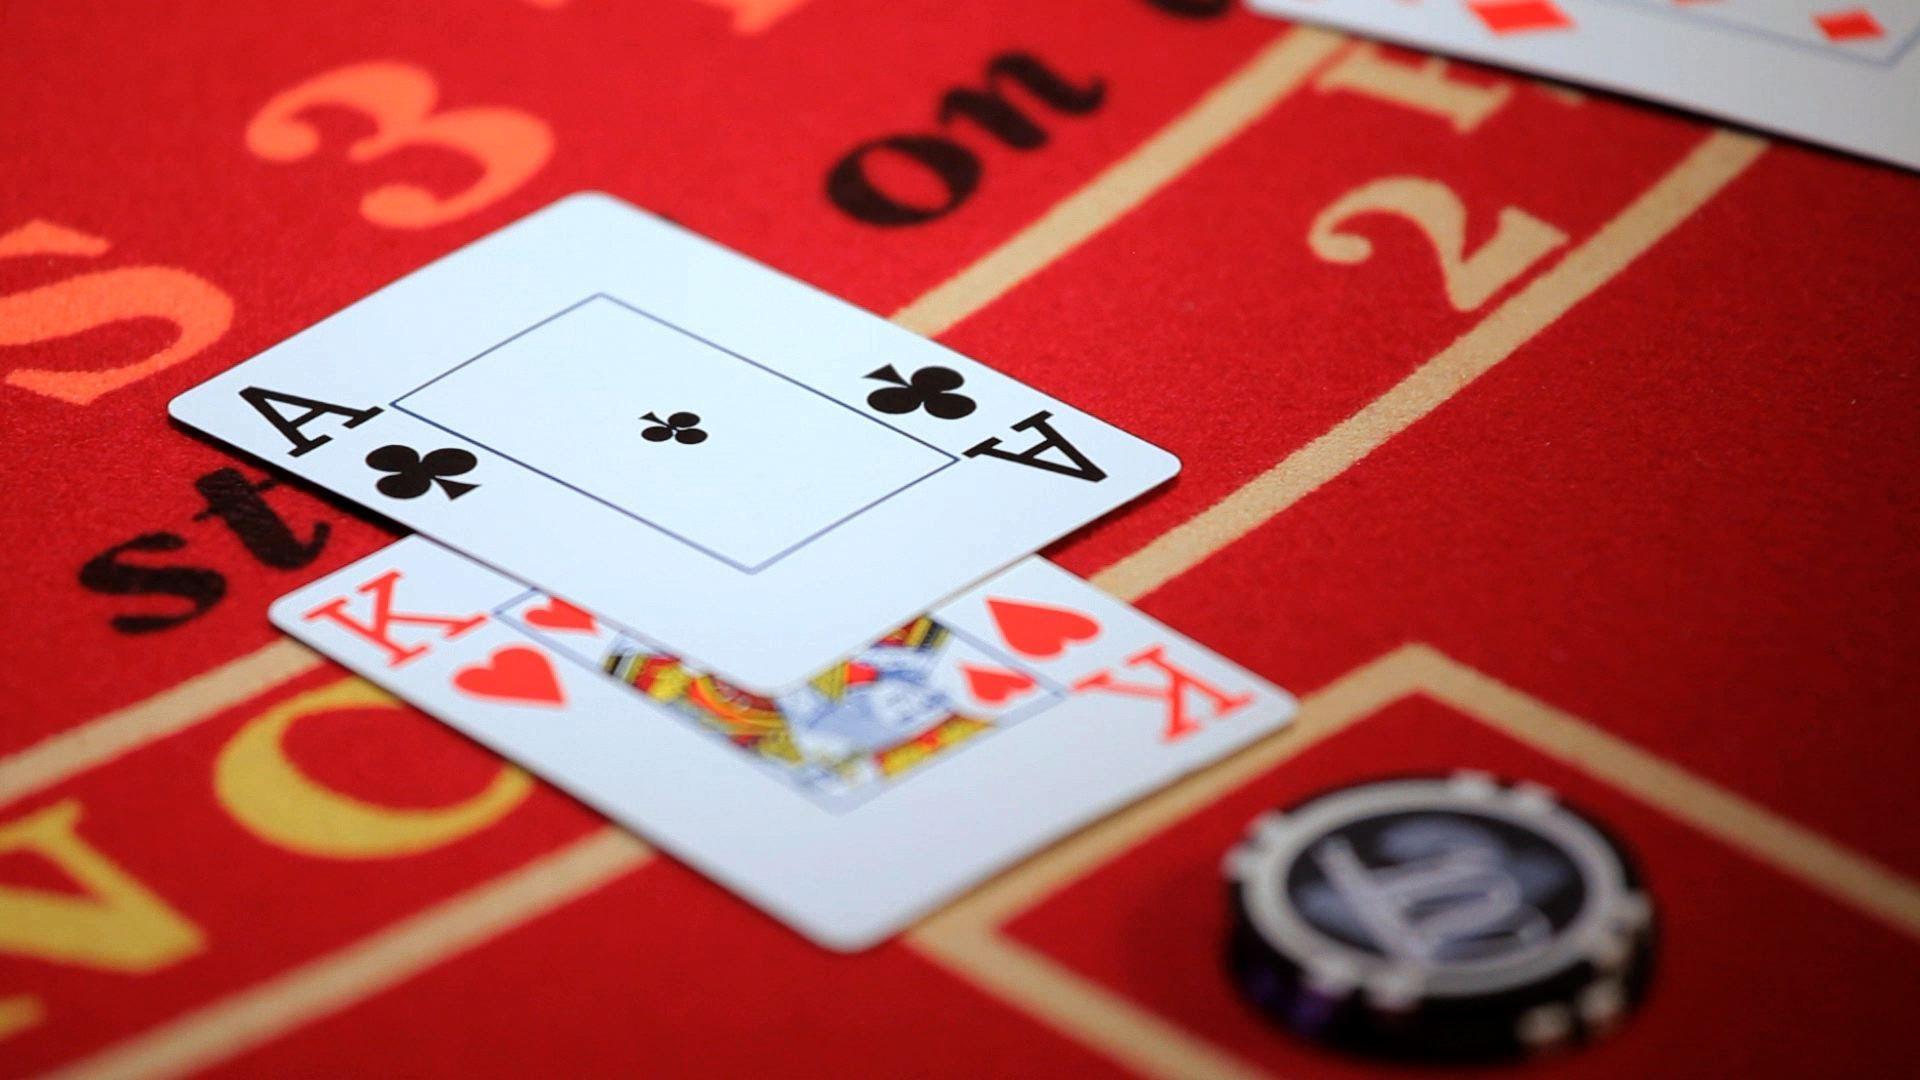 imagesblackjack-32.jpg